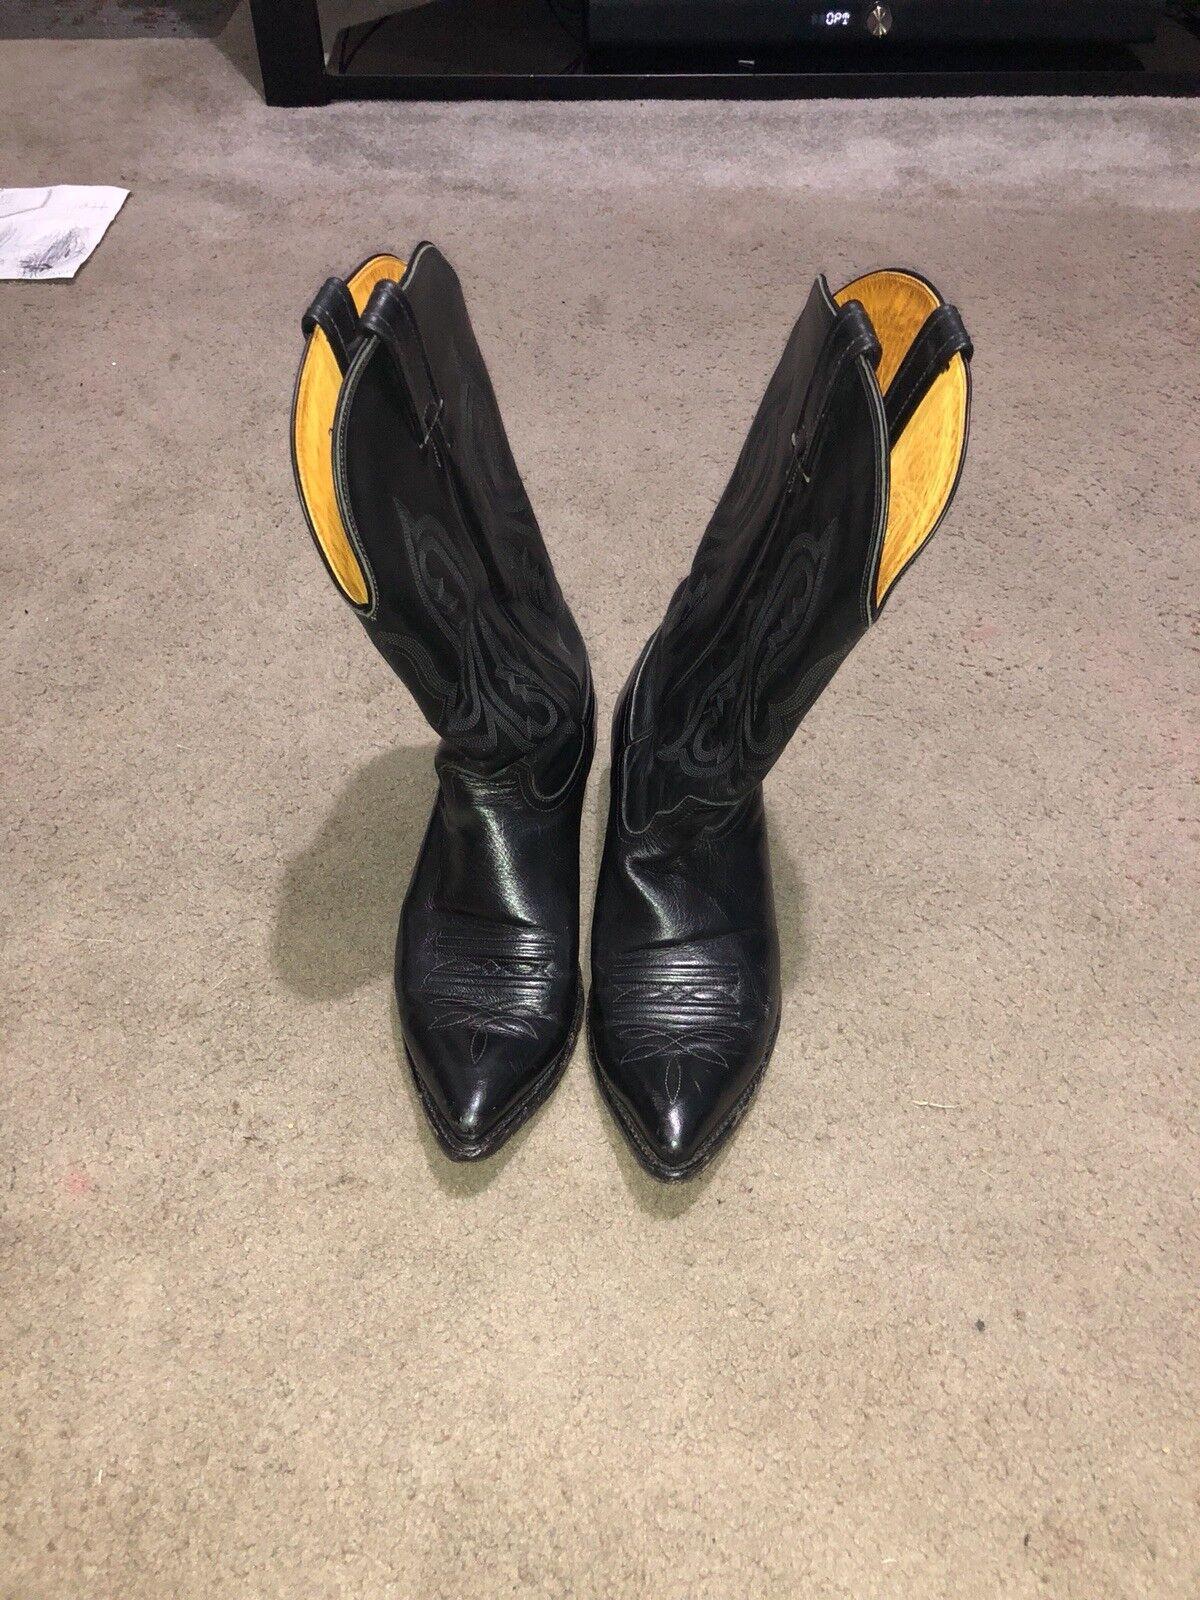 Negro Nocona botas 11 1 2 B-adulto poseído y bien mantenido Cuero de vaca completo